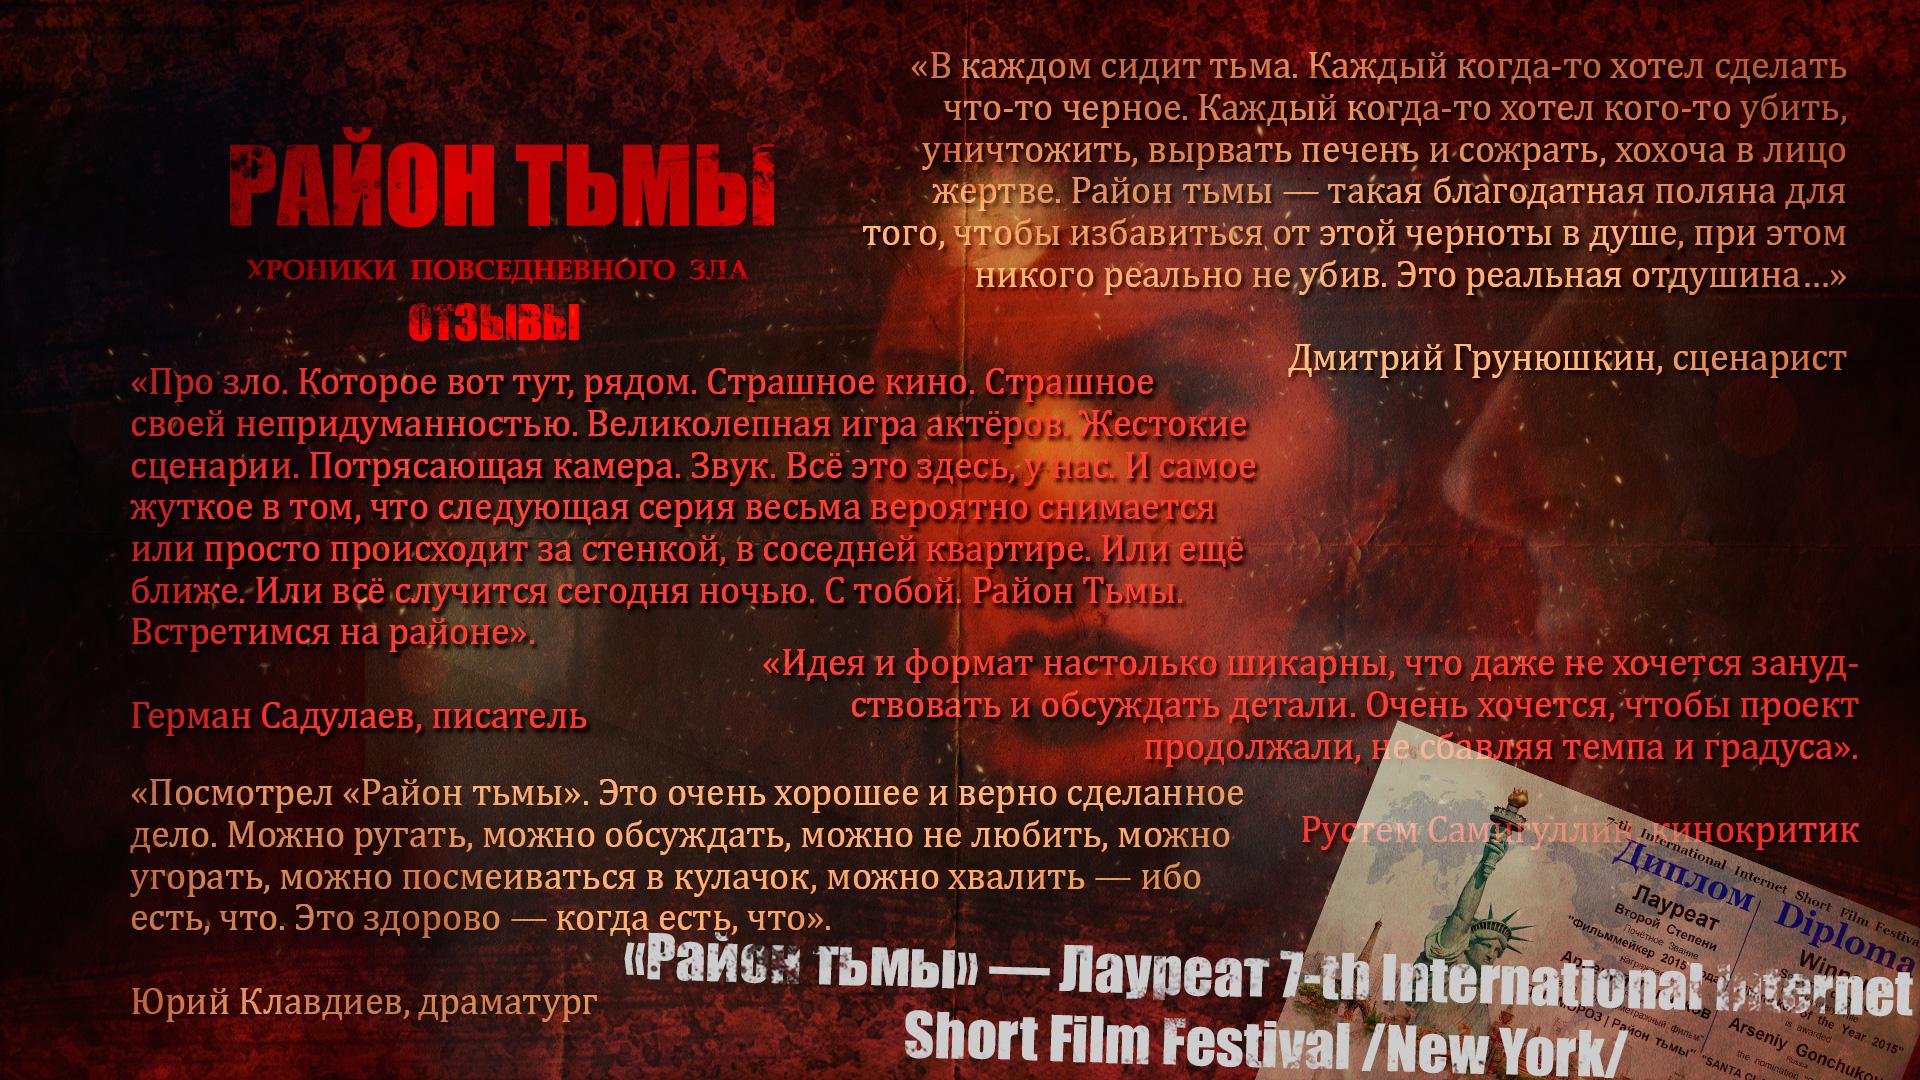 РАЙОН_ТЬМЫ_ПРЕЗЕНТАЦИЯ_4